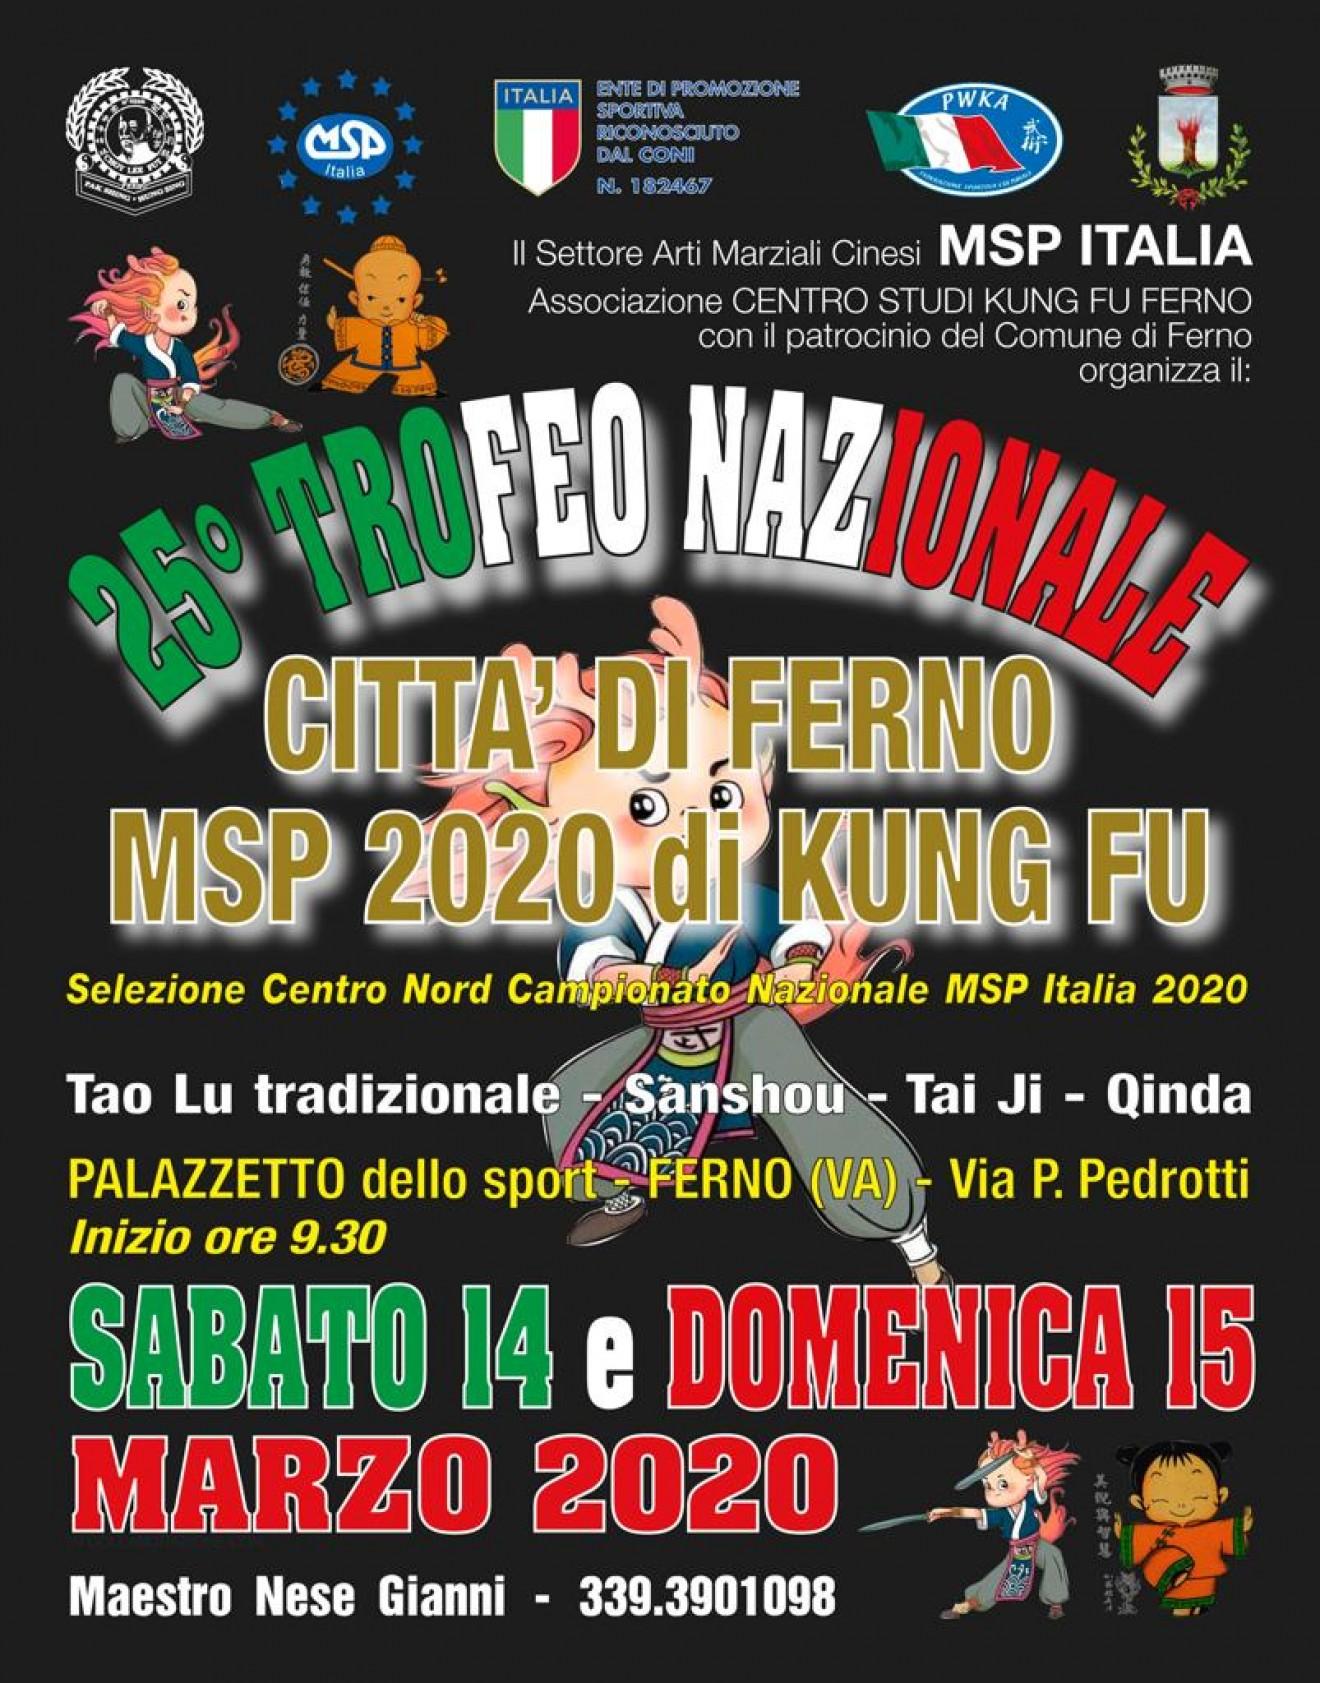 25° TROFEO NAZIONALE CITTA' DI FERNO